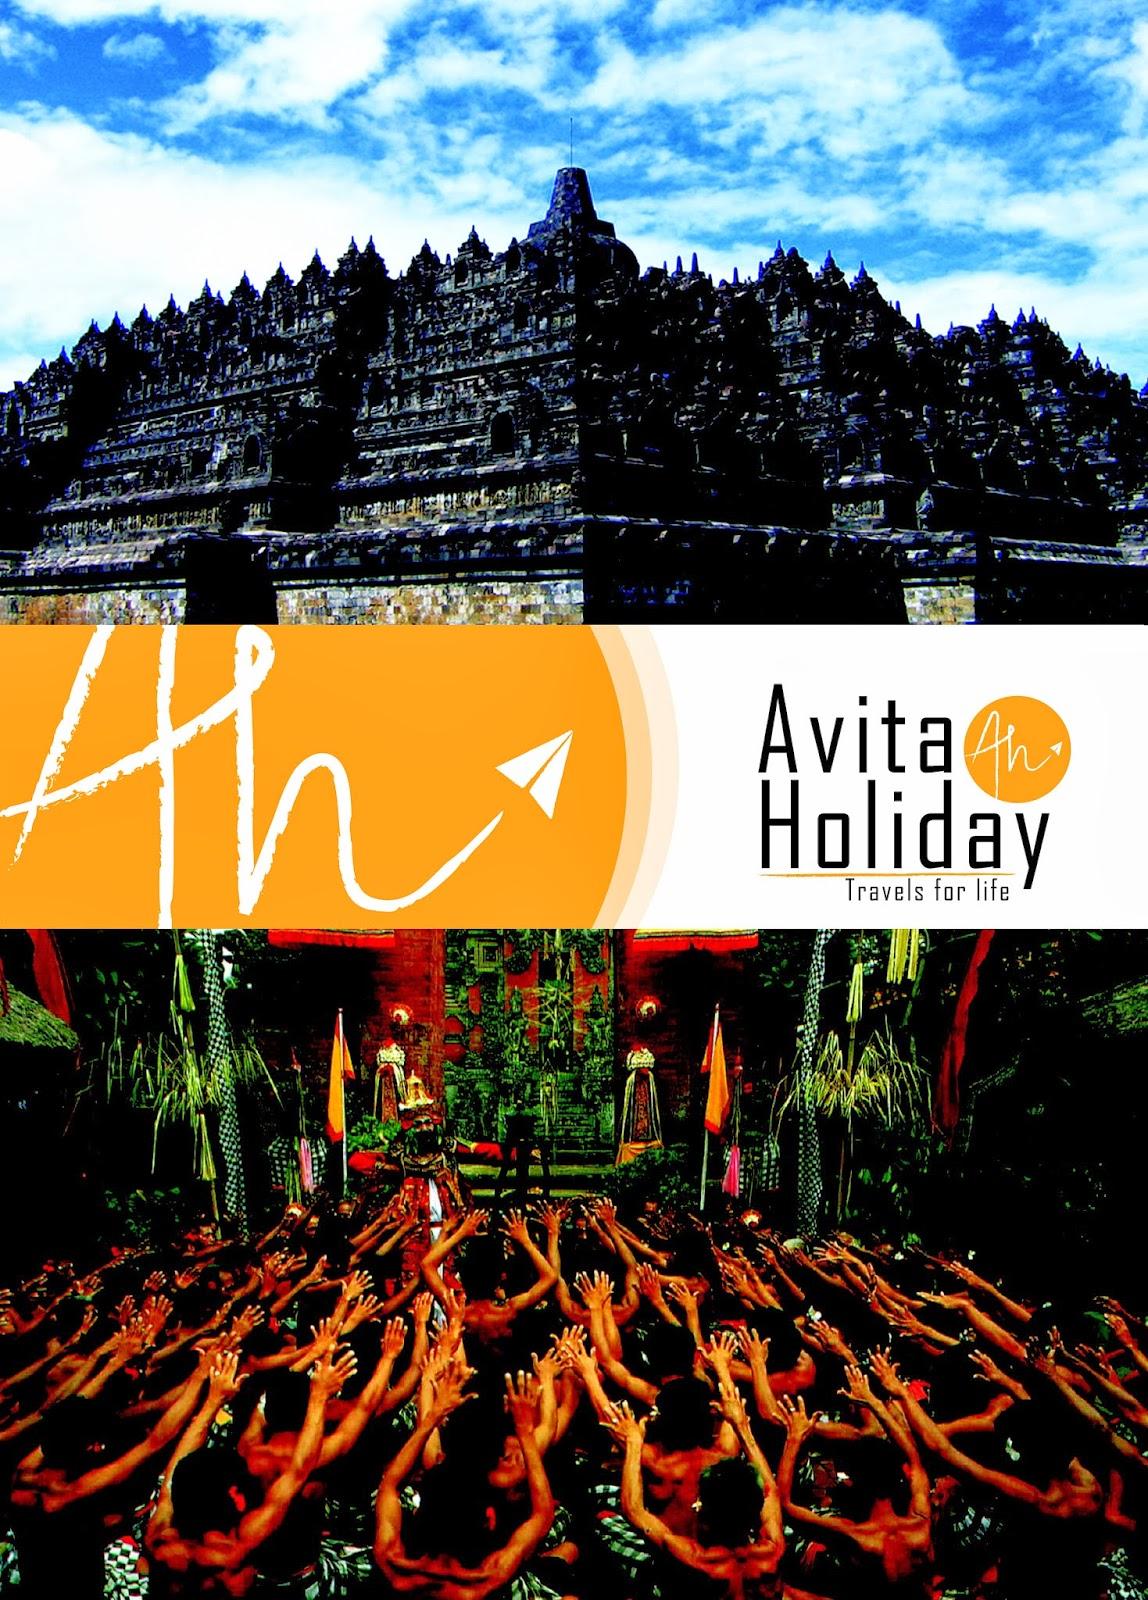 Avita Holiday Jakarta Galery Petualangan Air Atlantis Kota Administrasi Utara